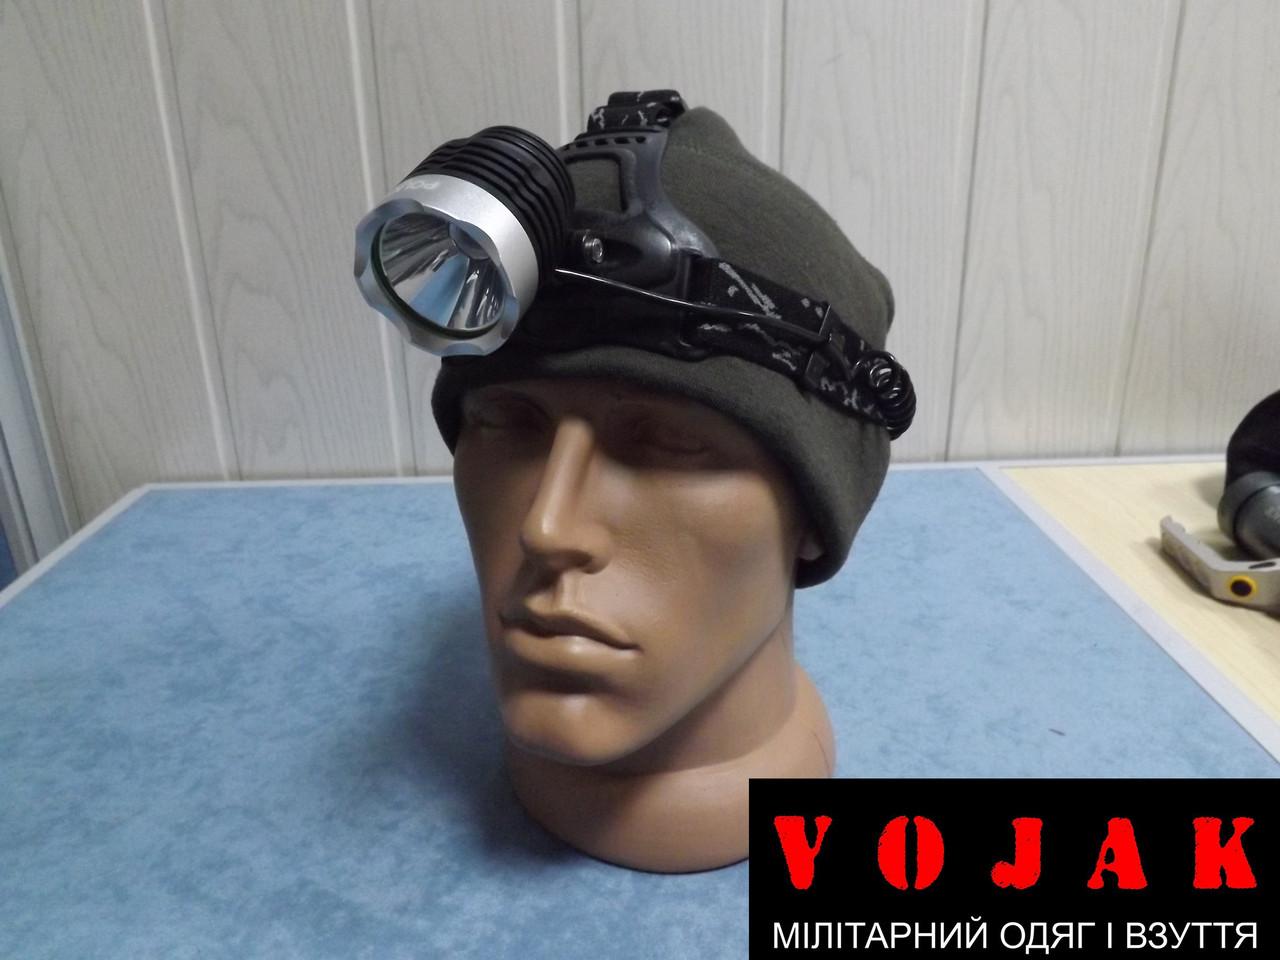 Фонарь на лоб Police 12V XQ-15-T6, 2 ак.18650